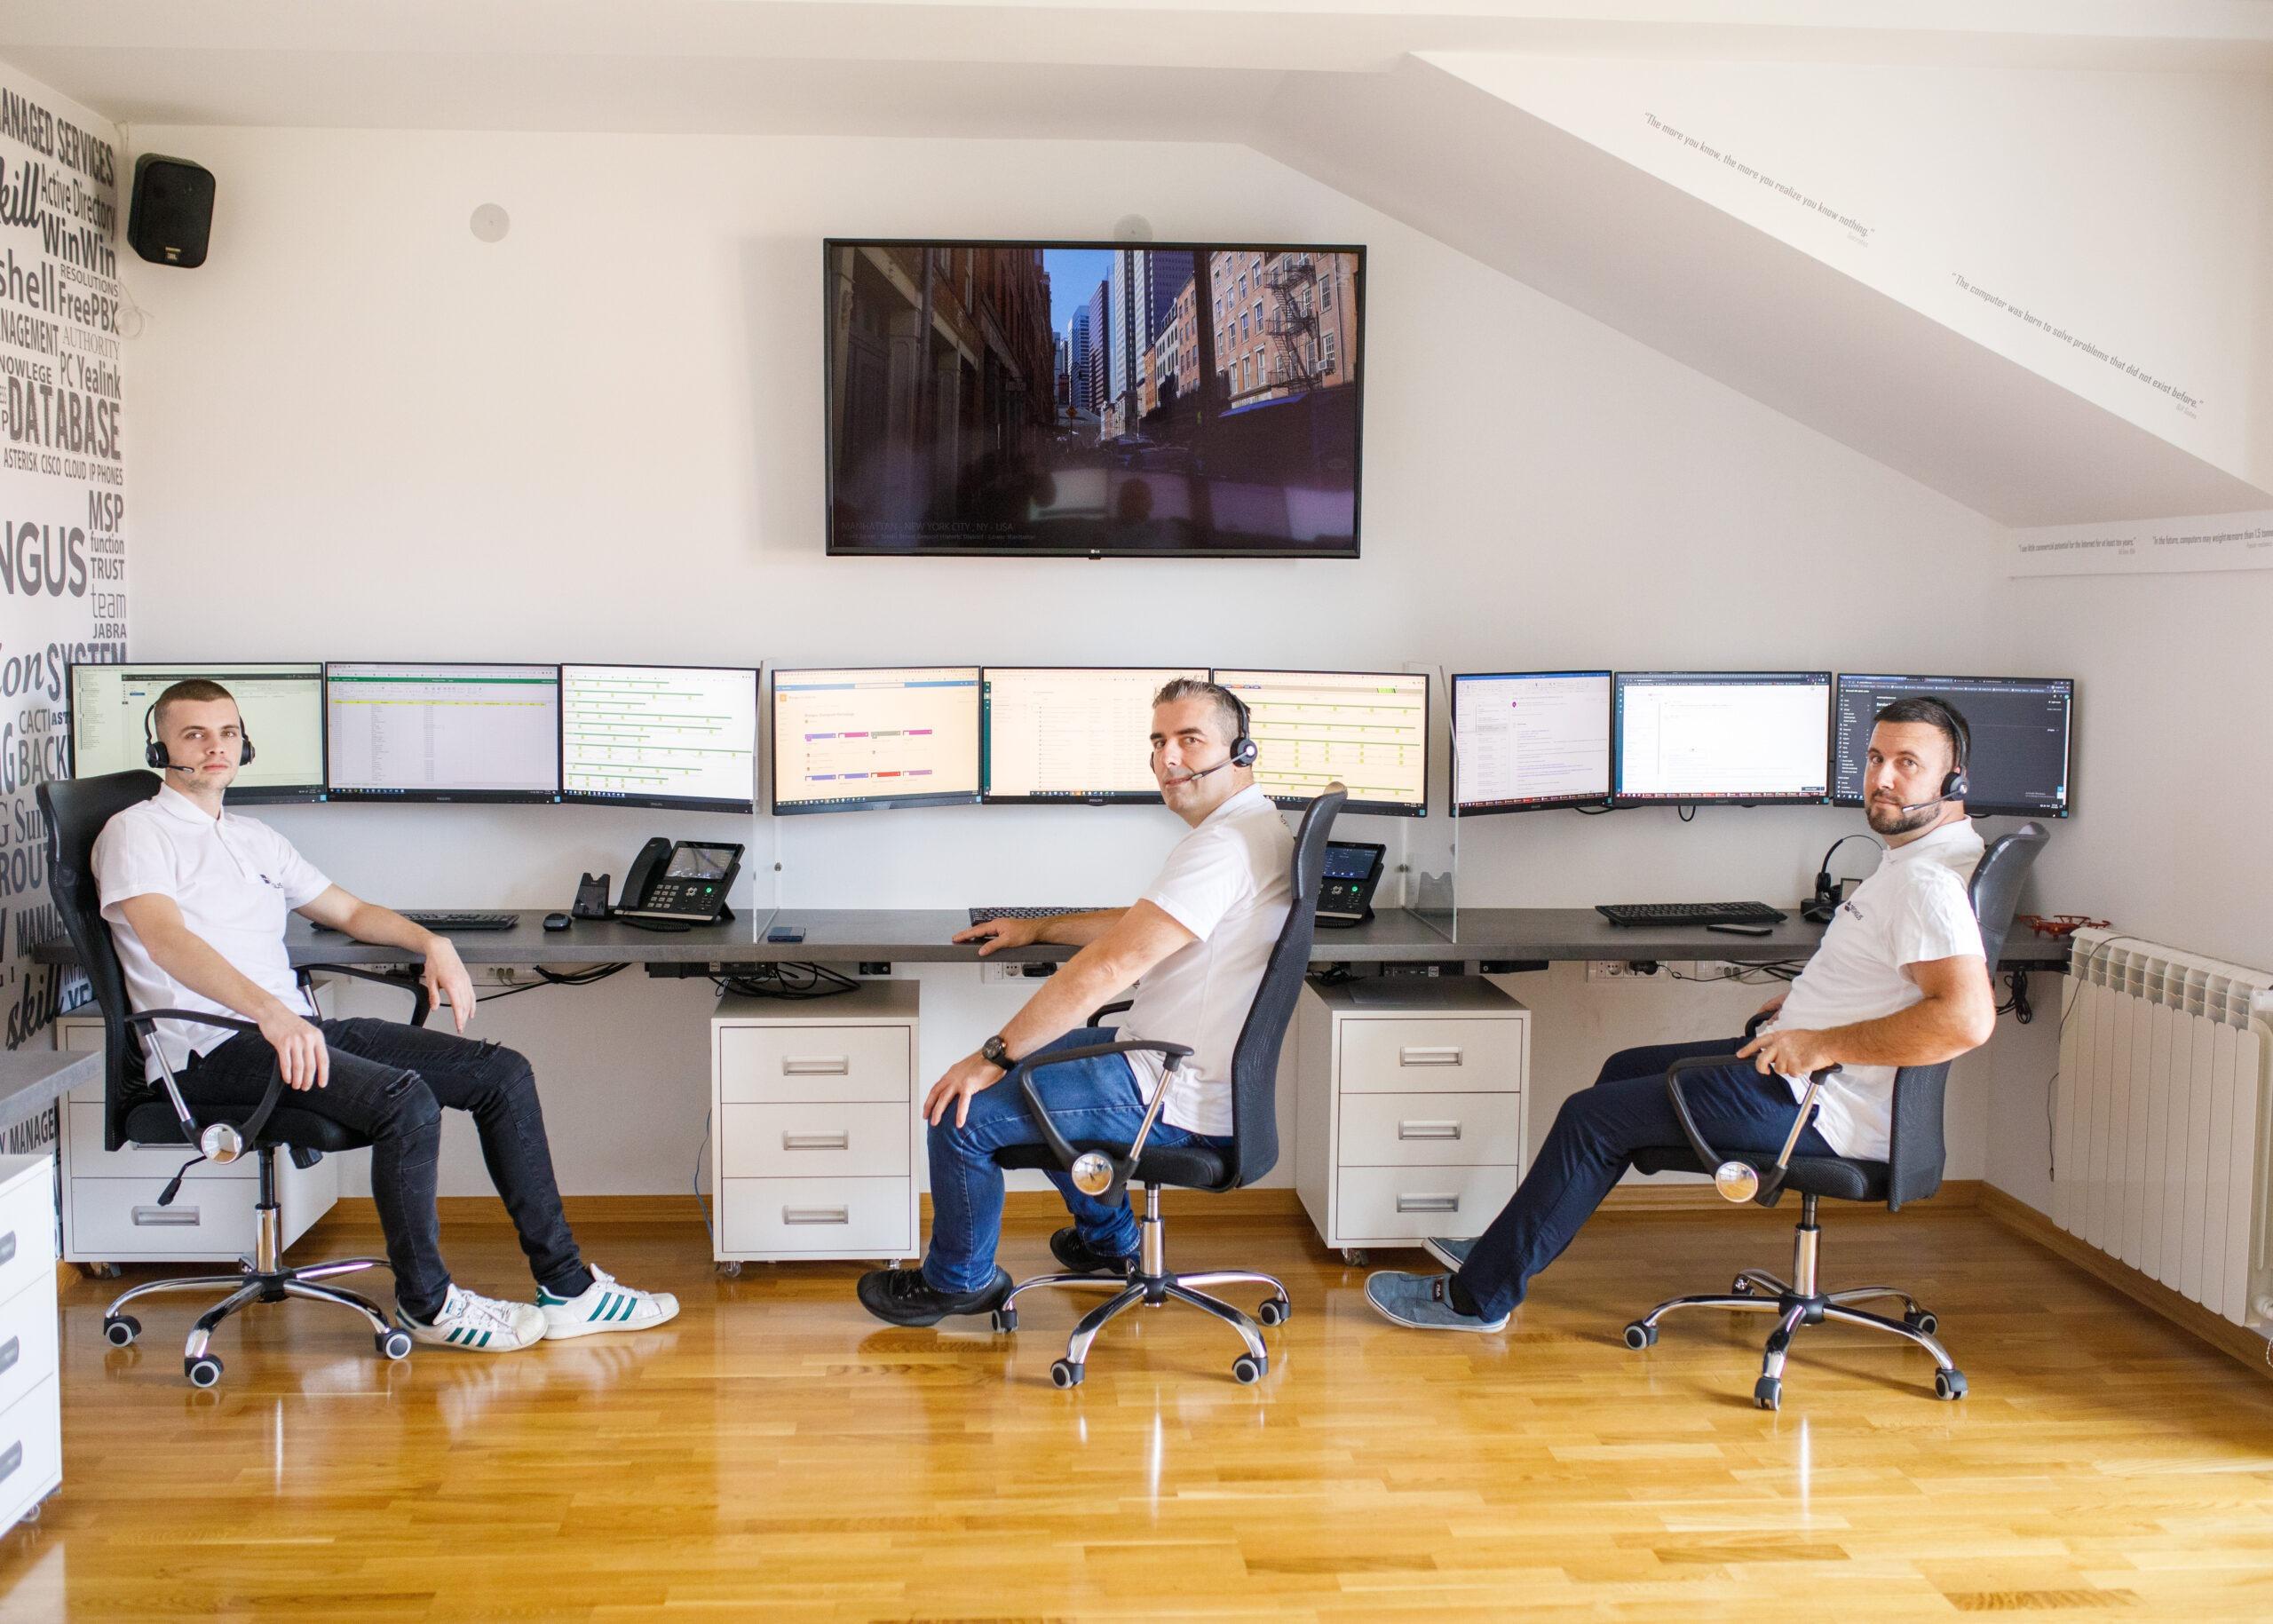 Brongus IT Team